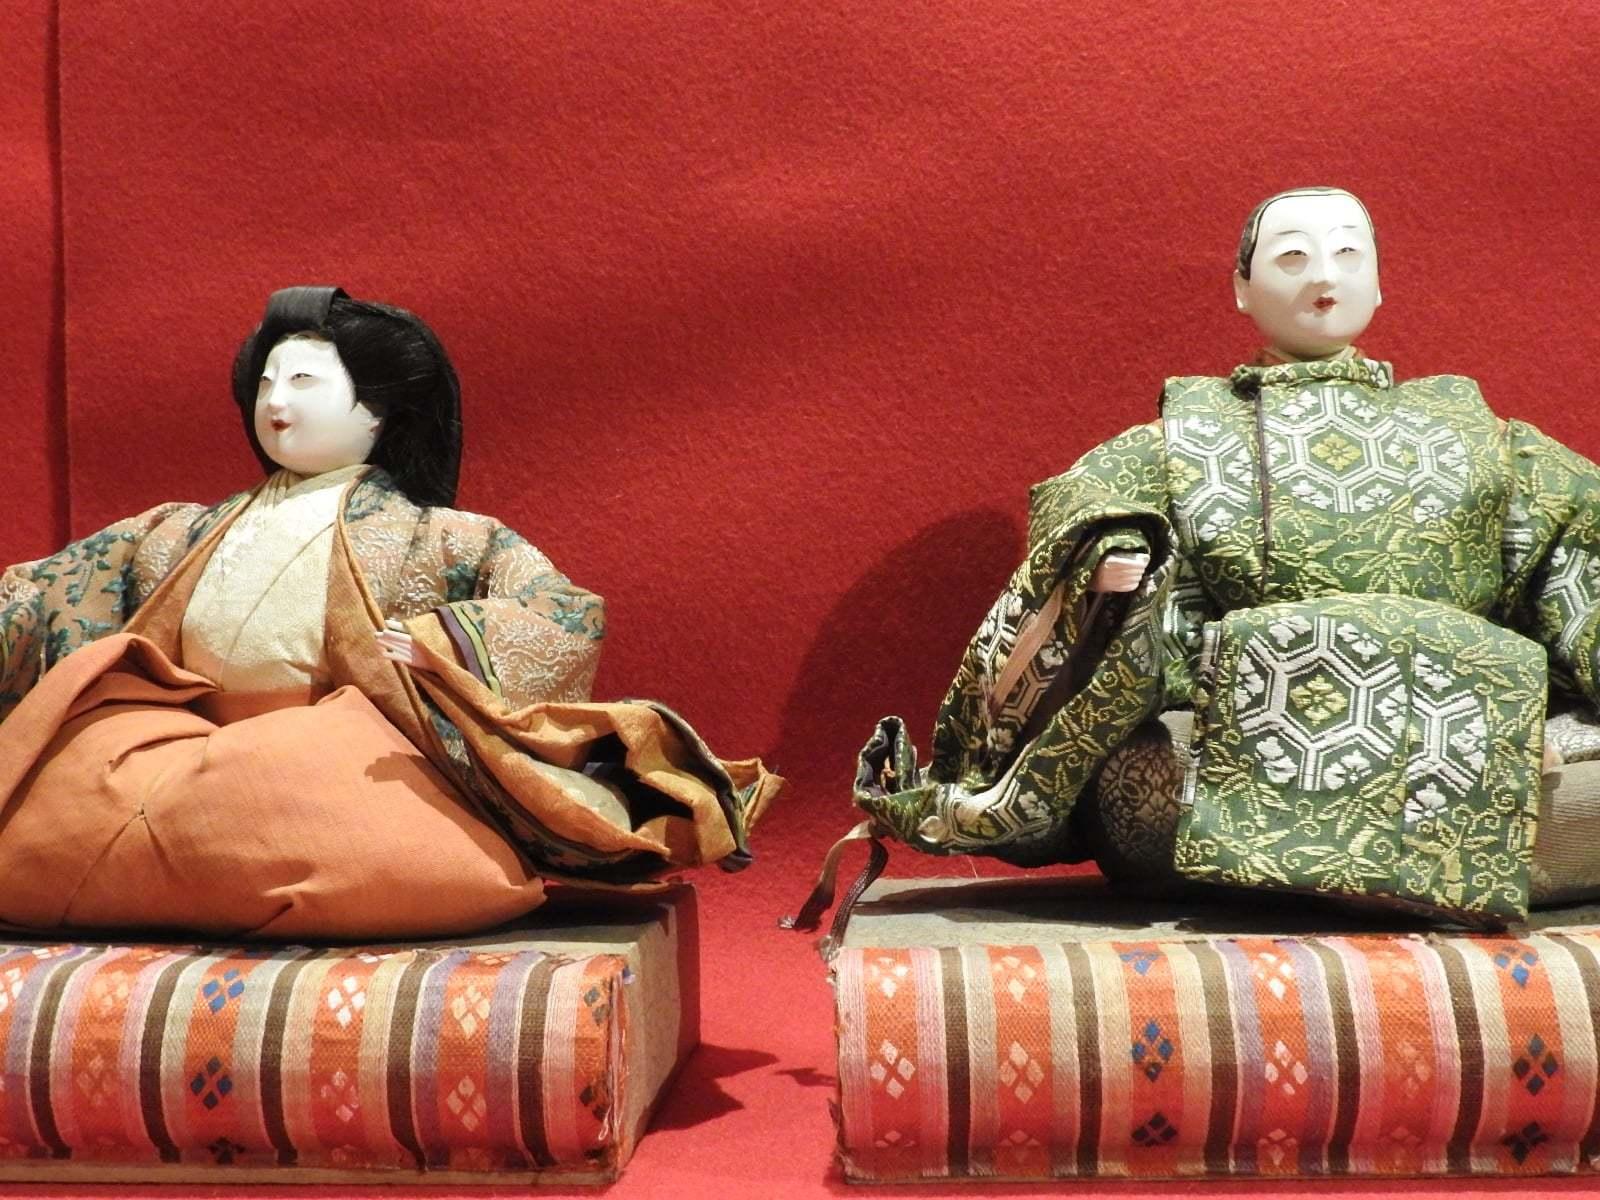 蔵織の雛人形&土人形展 びっくりするほどすごいですよ!_e0046190_18101279.jpg